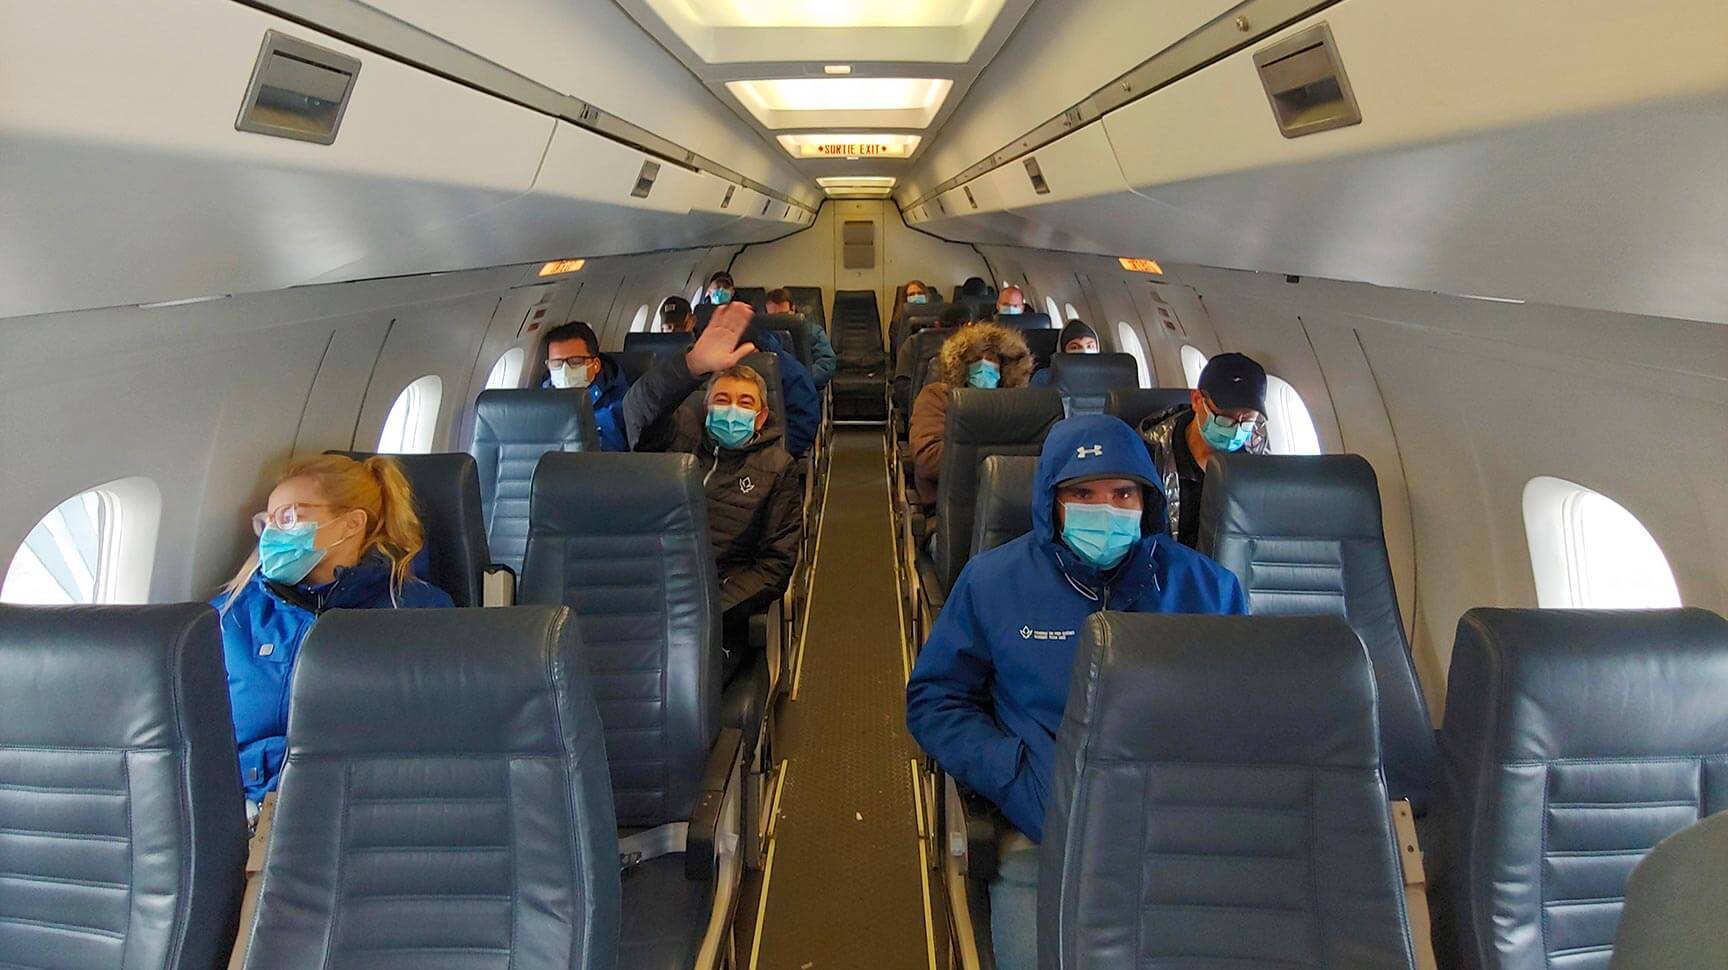 Transport aérien favorisant la distanciation sociale et la sécurité detous.